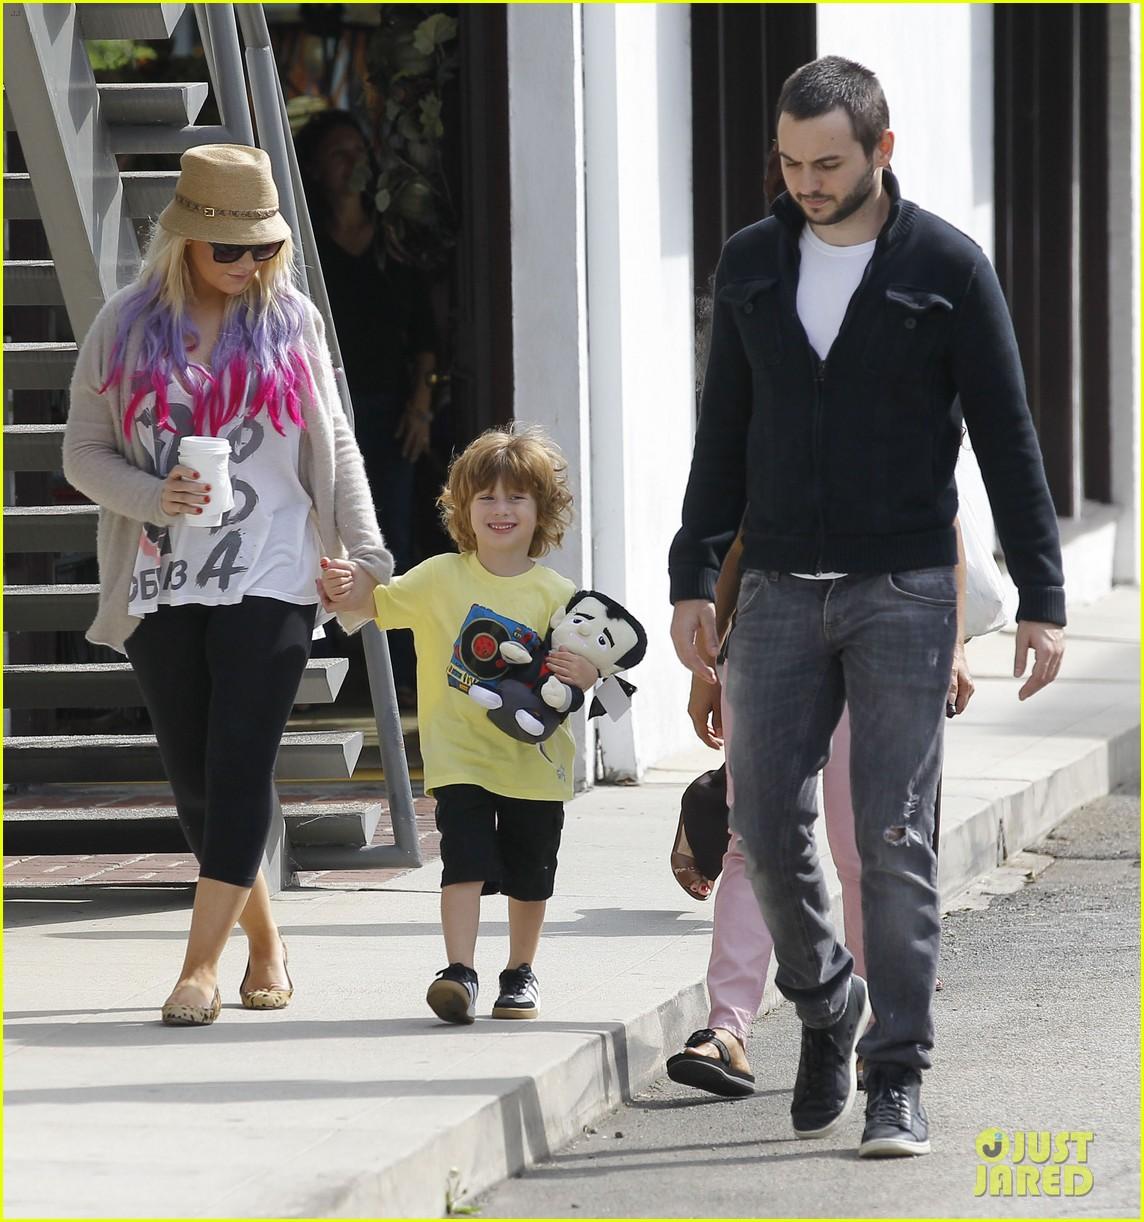 [Fotos] Christina Aguilera y Matthew Rutler: De compras con Max! (Sabado 6 octubre) Christina-aguilera-matthew-rutler-shopping-with-max-18